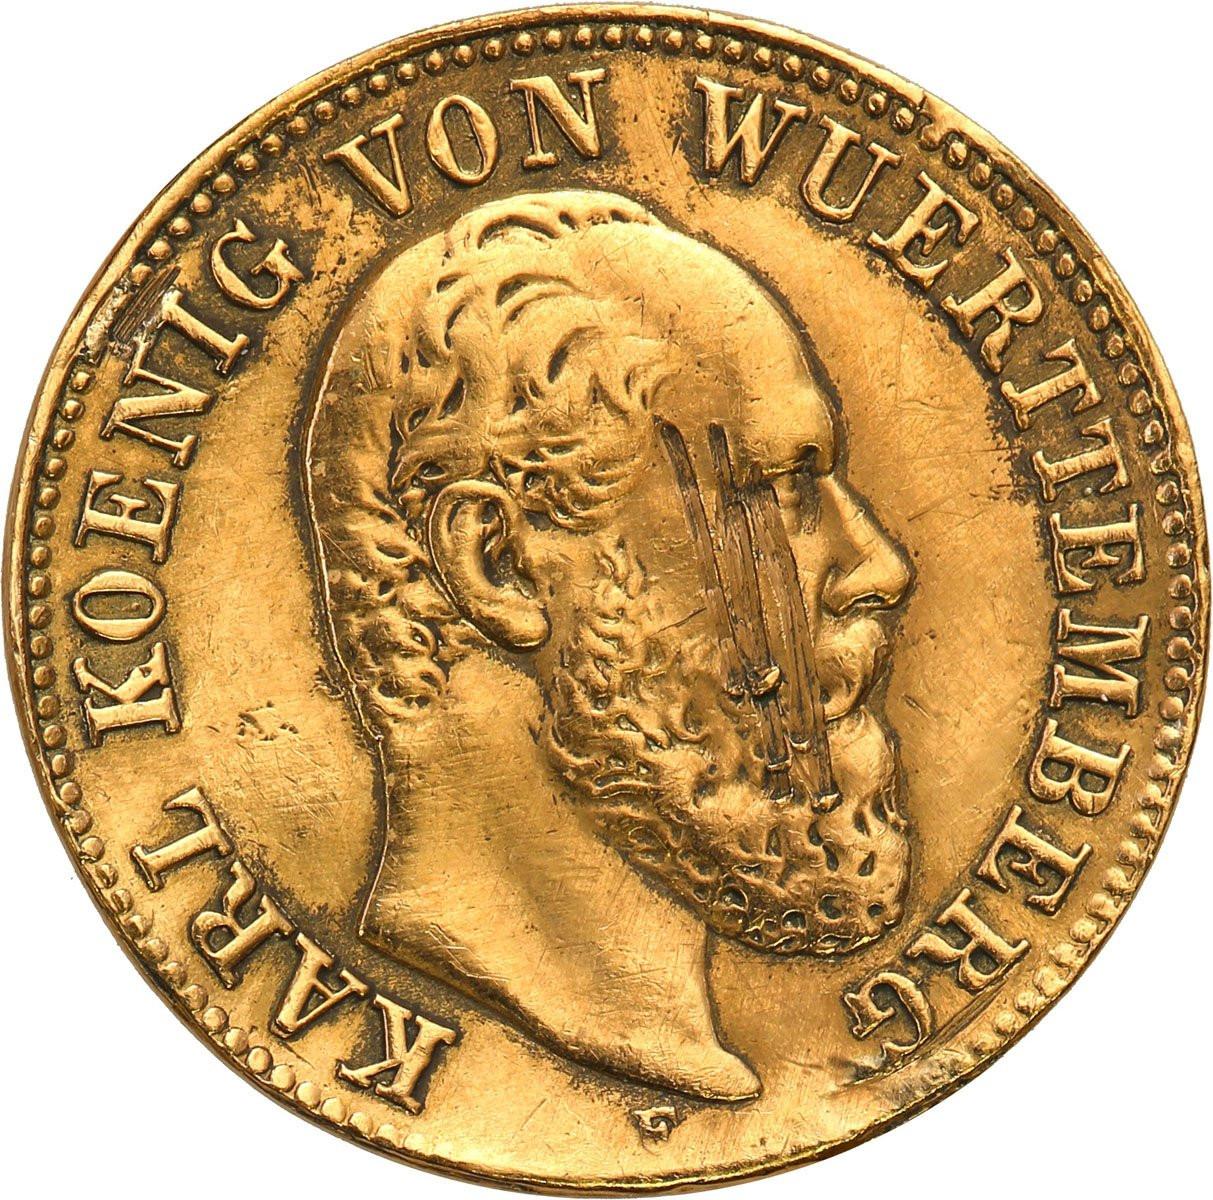 Niemcy, Wirtembergia. Karol I. 5 marek 1877 F, Stuttgart